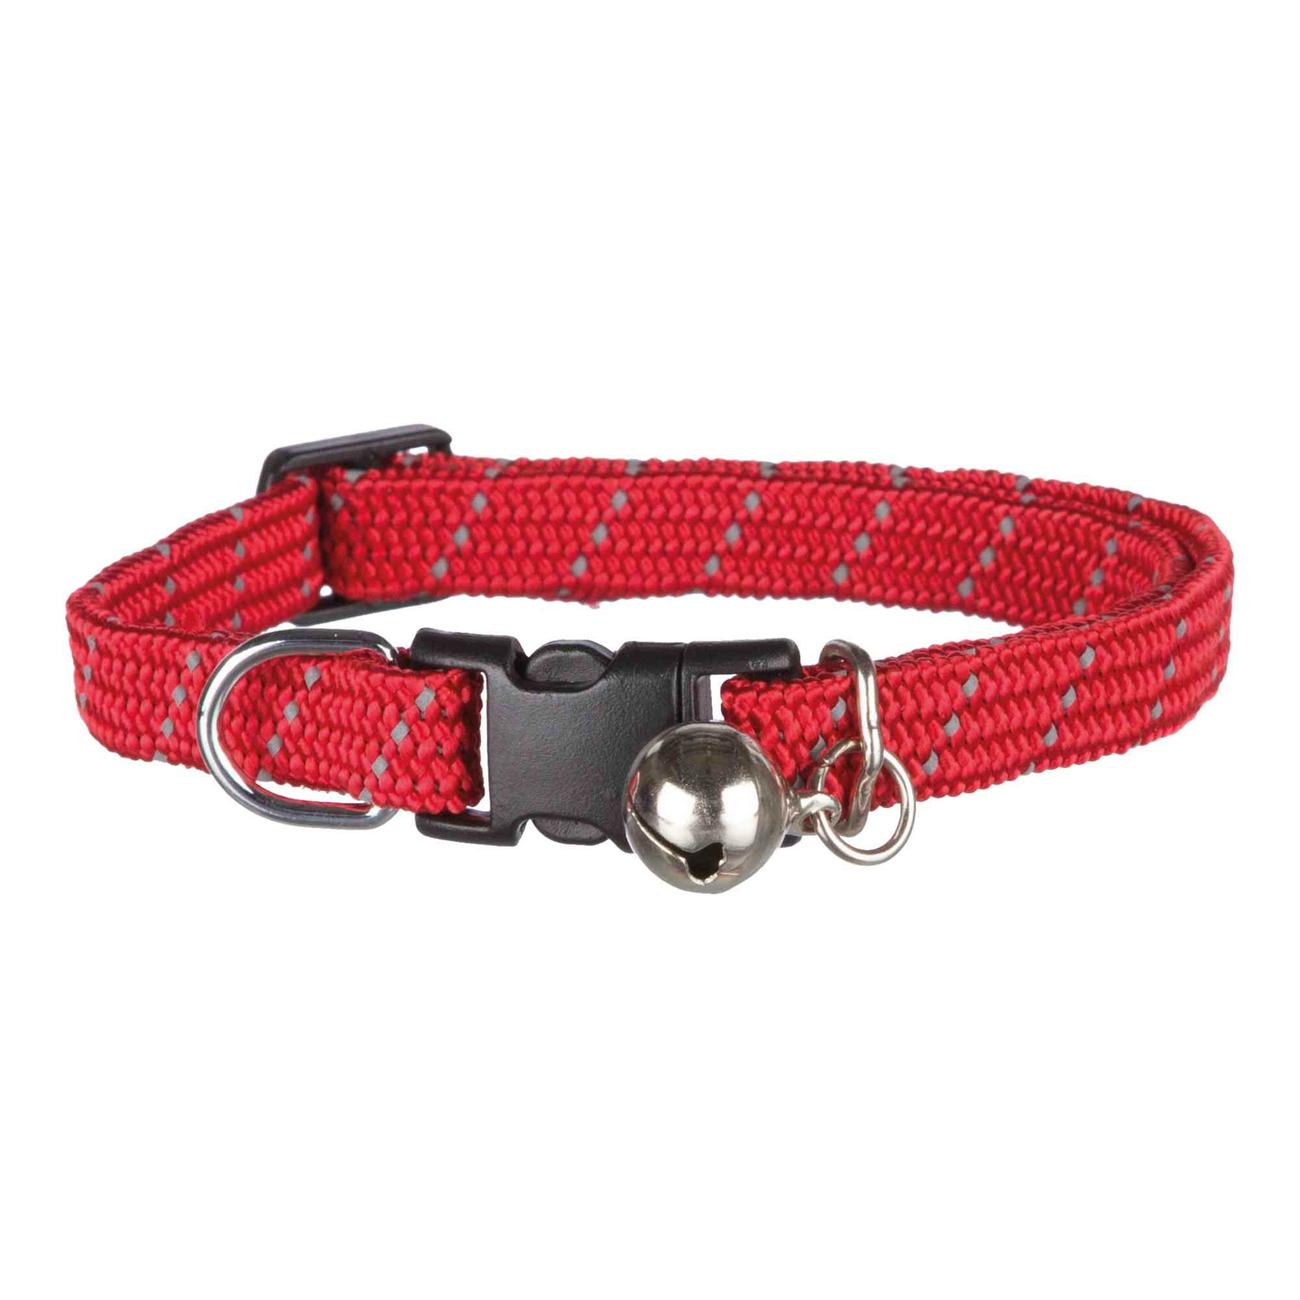 Trixie Katzen-Halsband Safer Life XL, reflektierend 4147, Bild 3